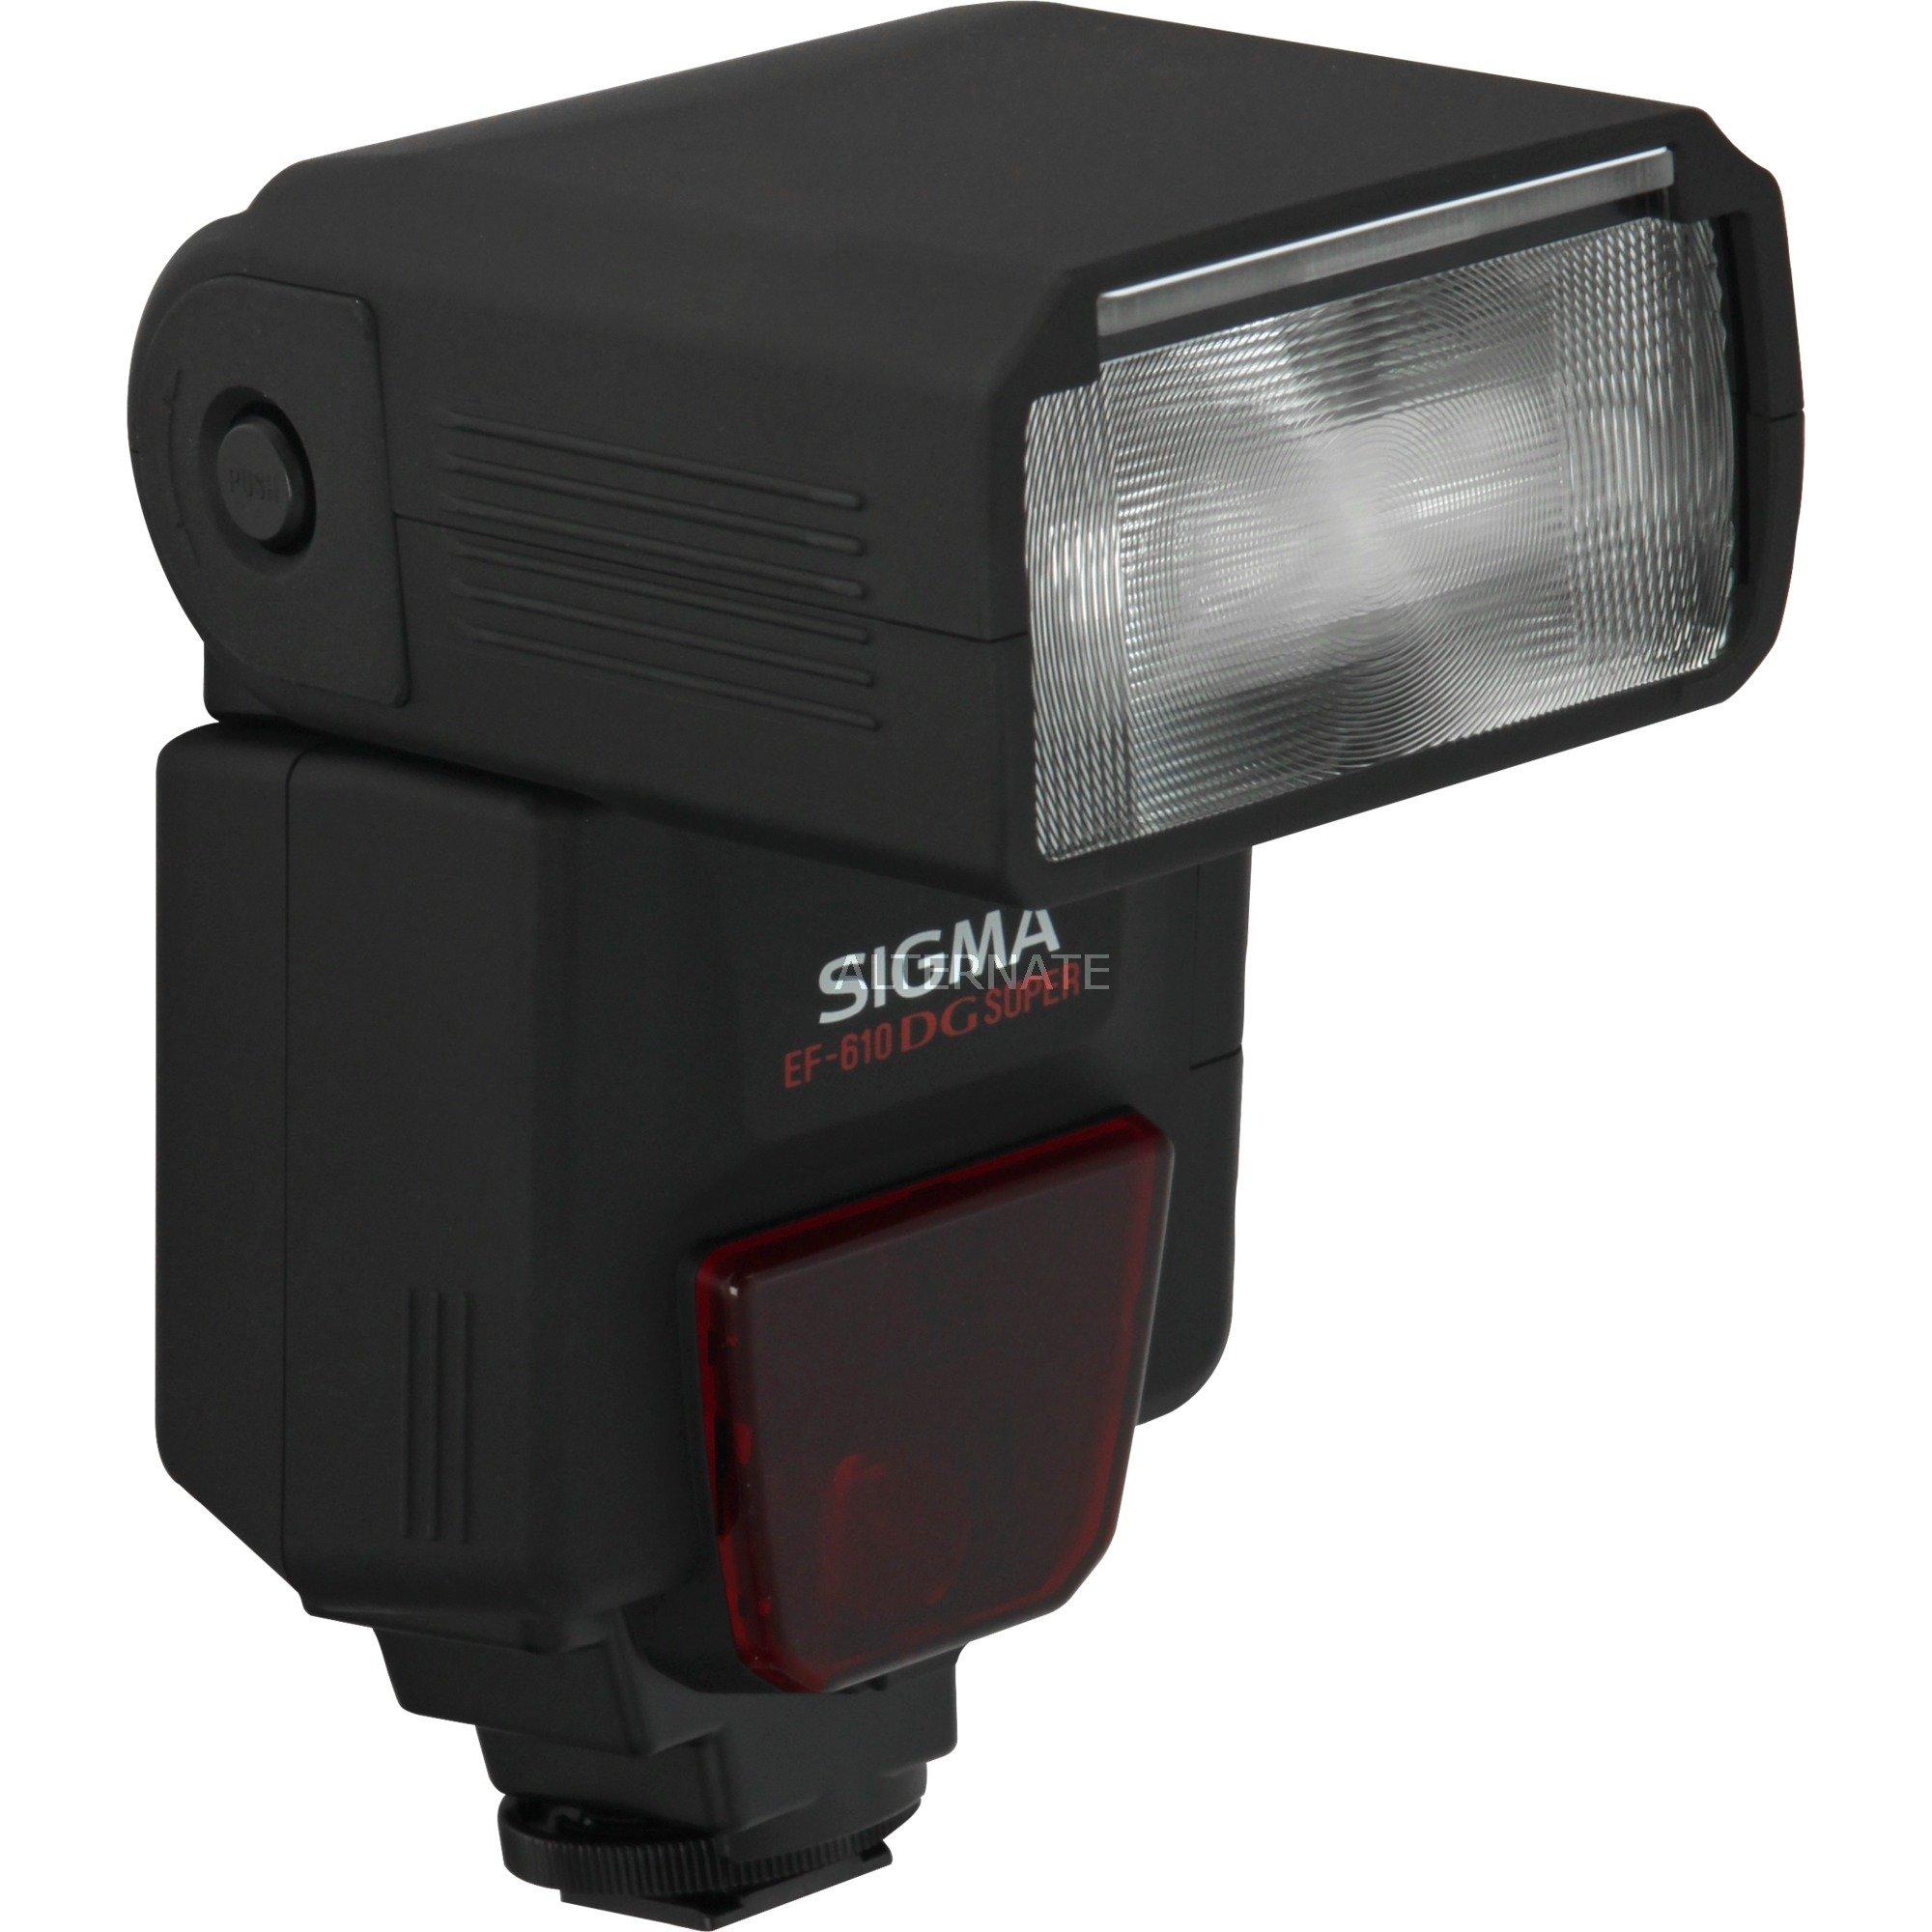 EF-610 DG Flash esclavo Negro, Unidad de Flash